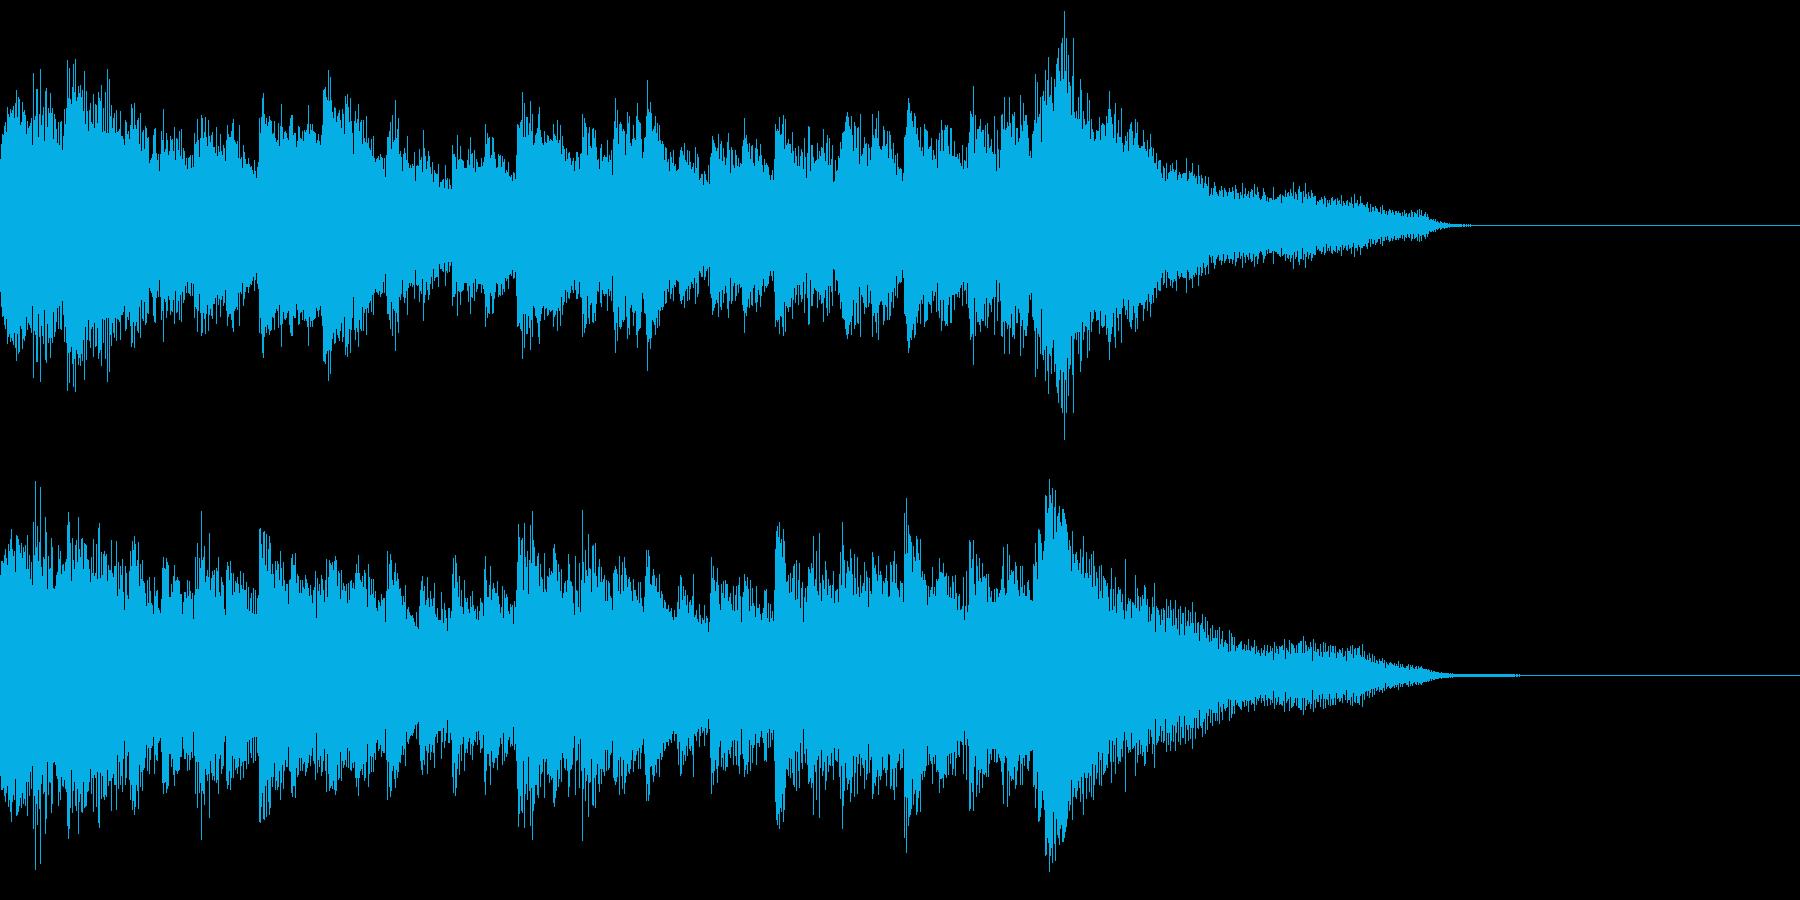 可憐な雰囲気のある中世風ジングルの再生済みの波形